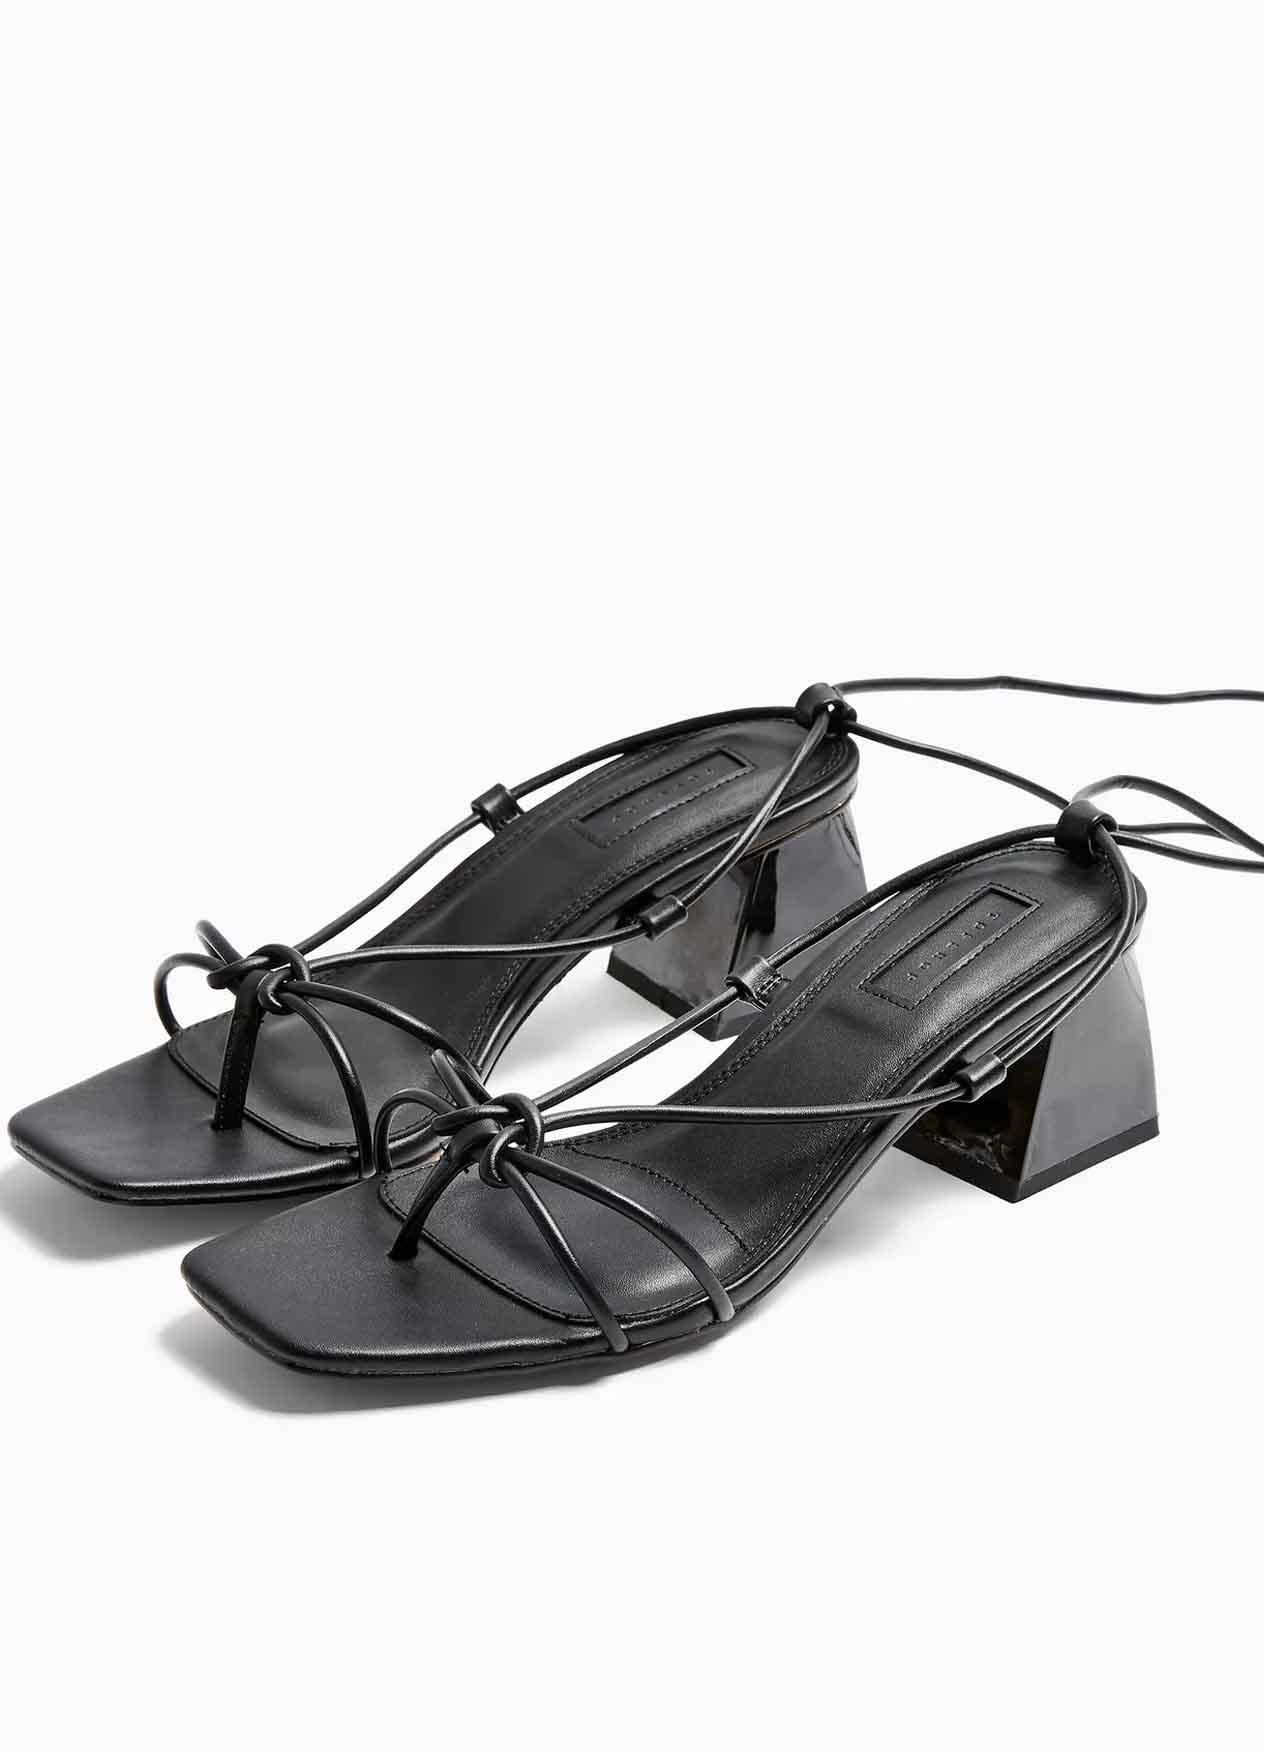 tie sandals